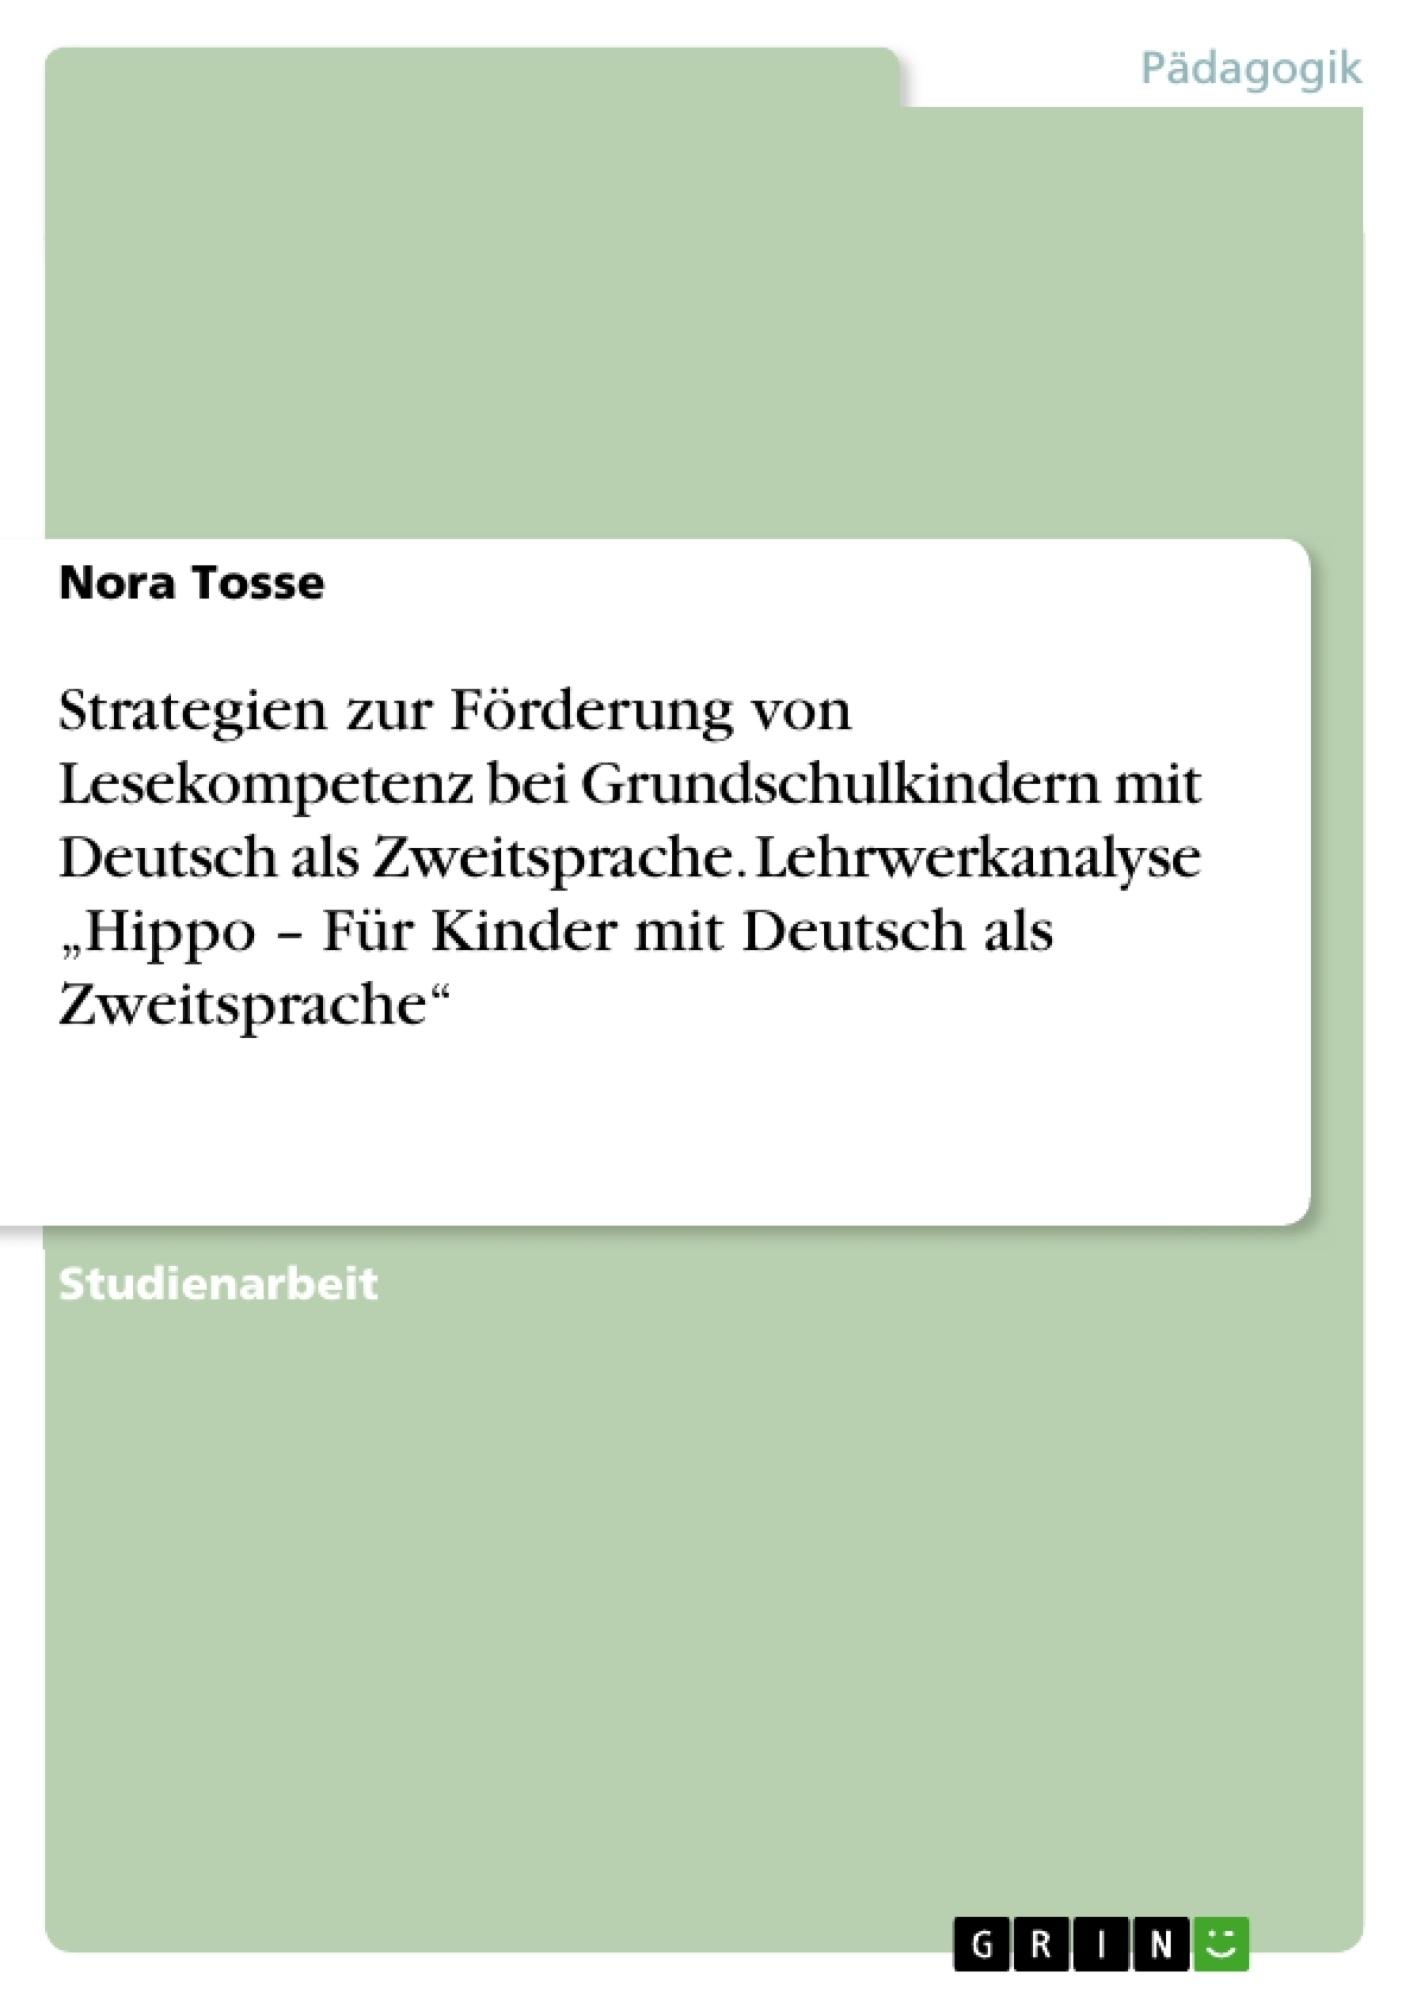 """Titel: Strategien zur Förderung von Lesekompetenz  bei Grundschulkindern mit Deutsch als Zweitsprache. Lehrwerkanalyse """"Hippo – Für Kinder mit Deutsch als Zweitsprache"""""""